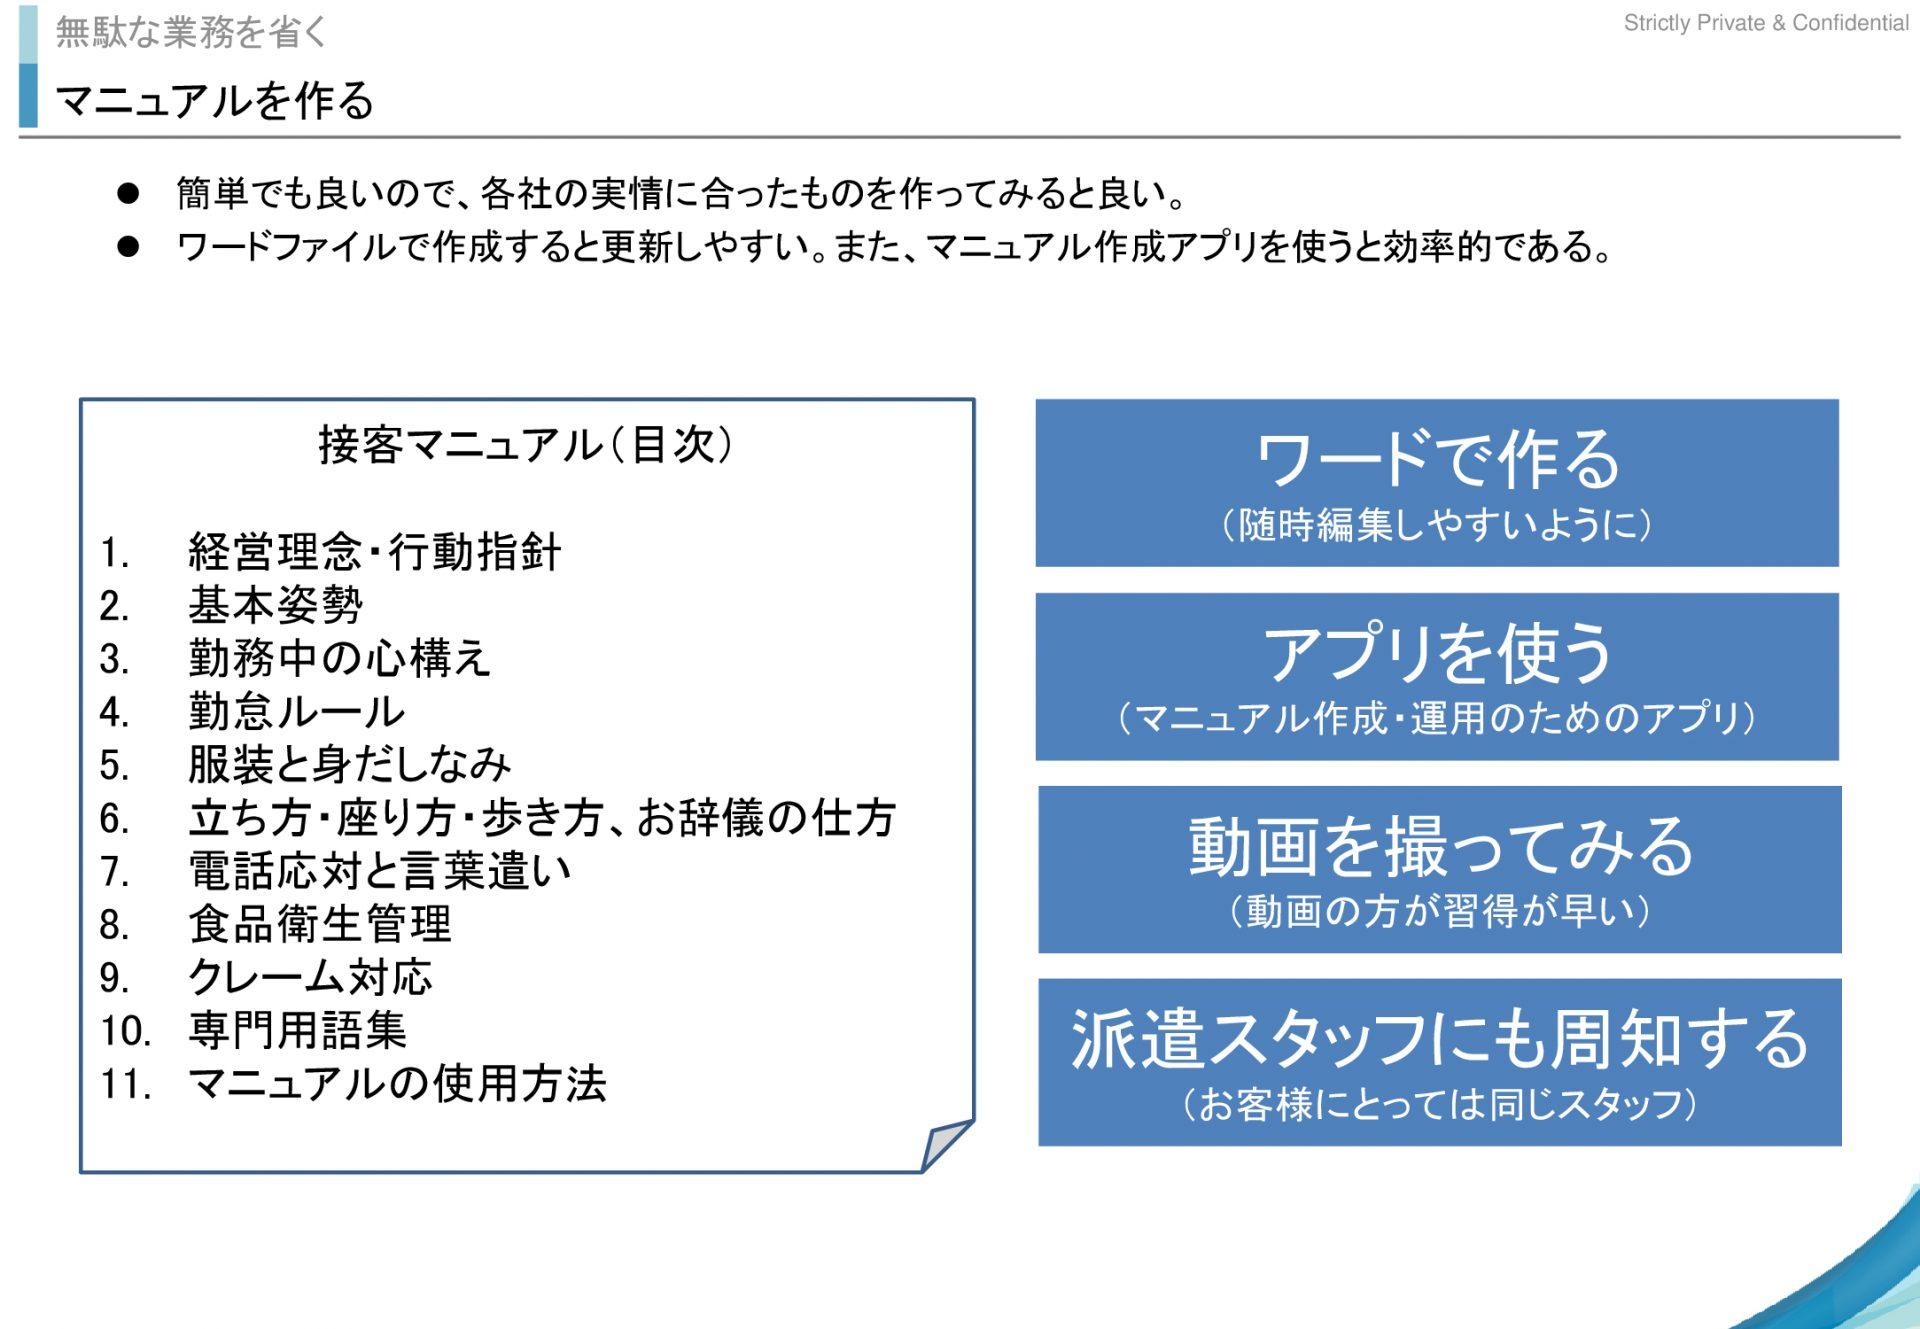 manual-of-hotel-ryokan